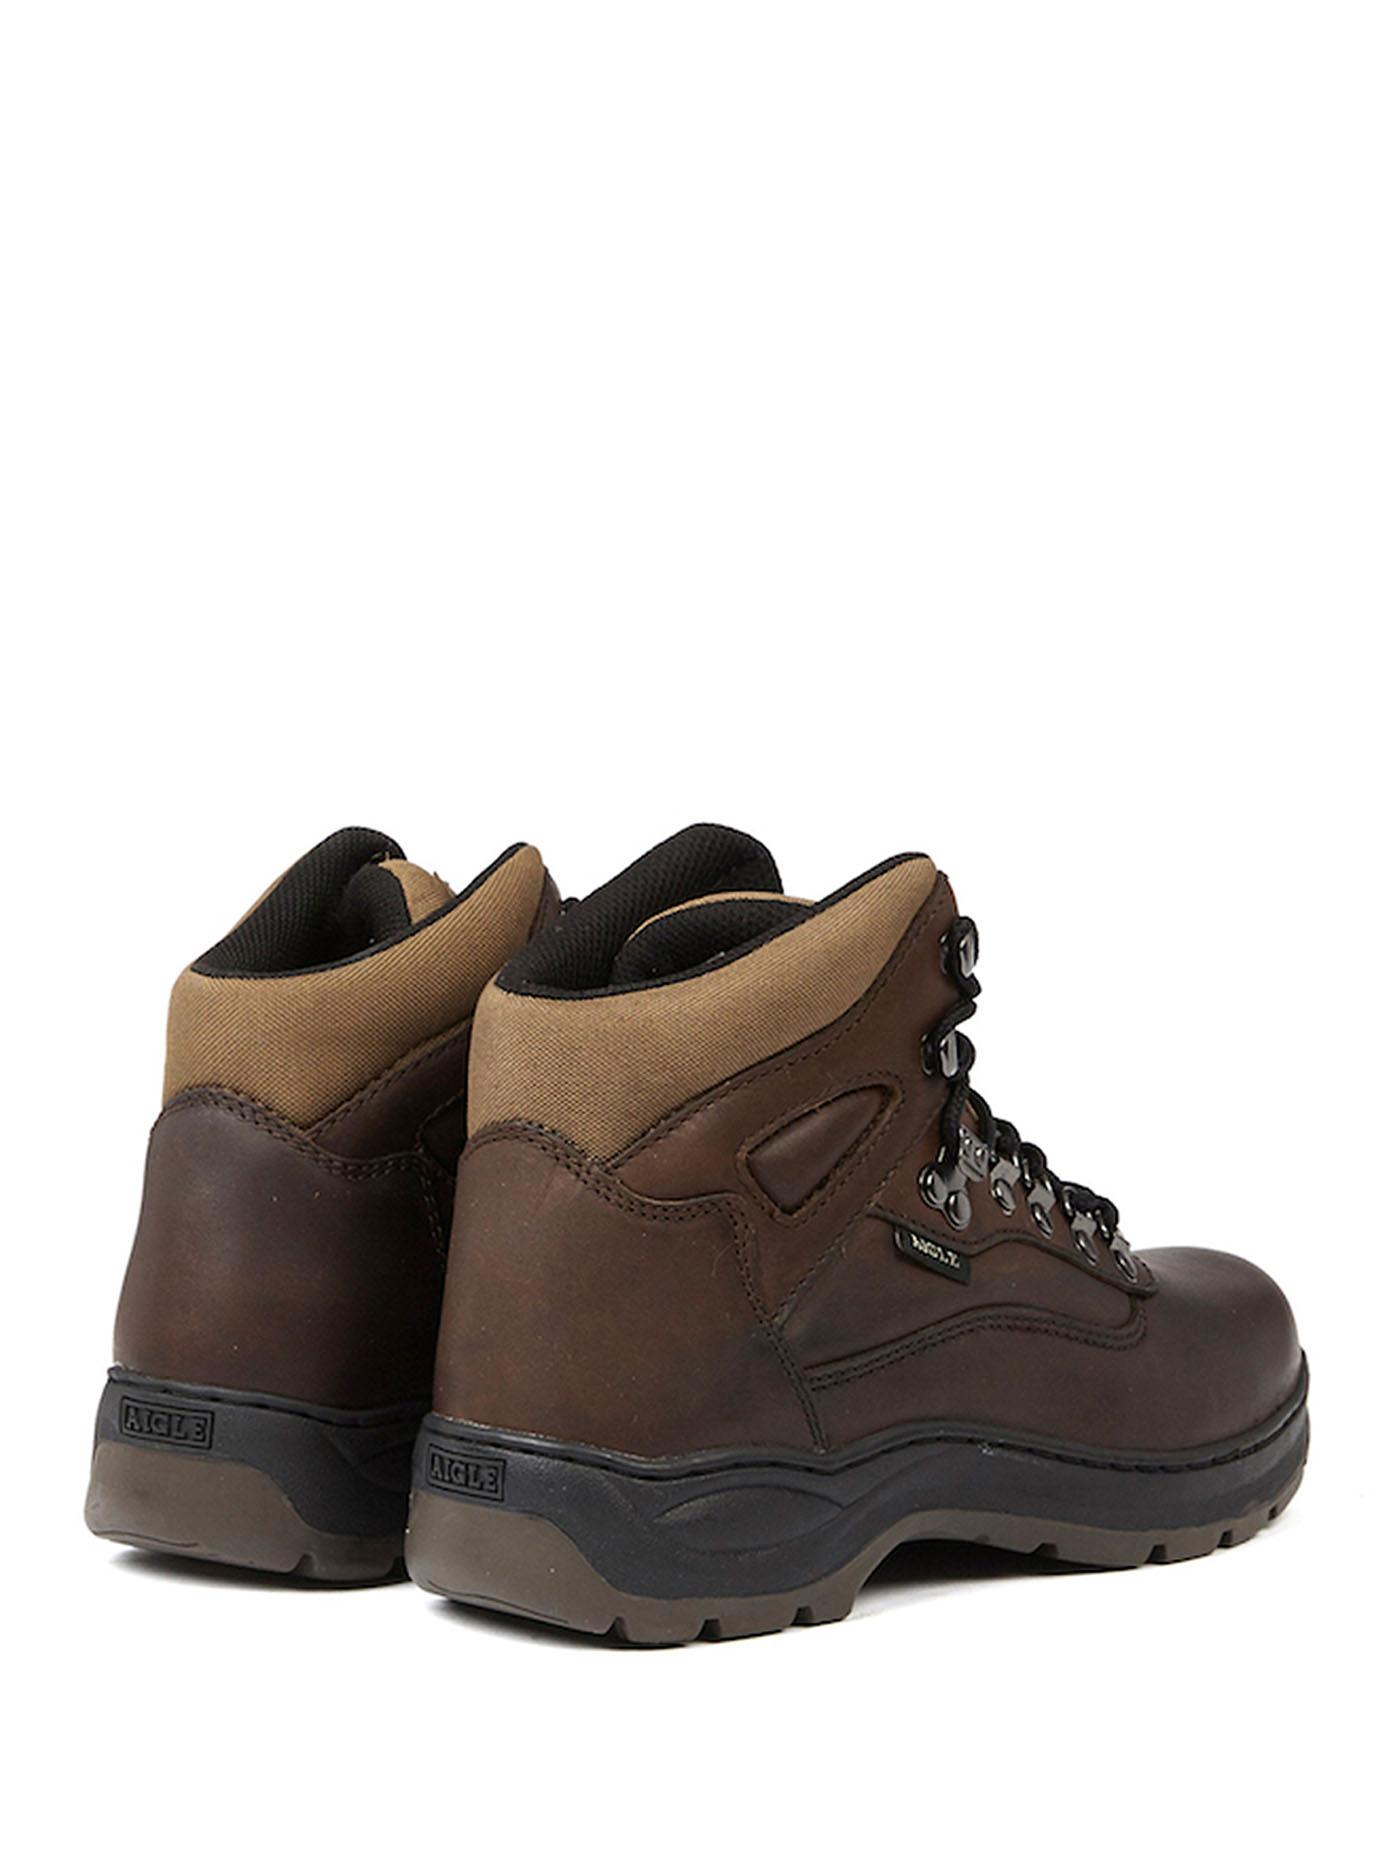 Aigle Chaussure montante en cuir picardie pas cher Achat